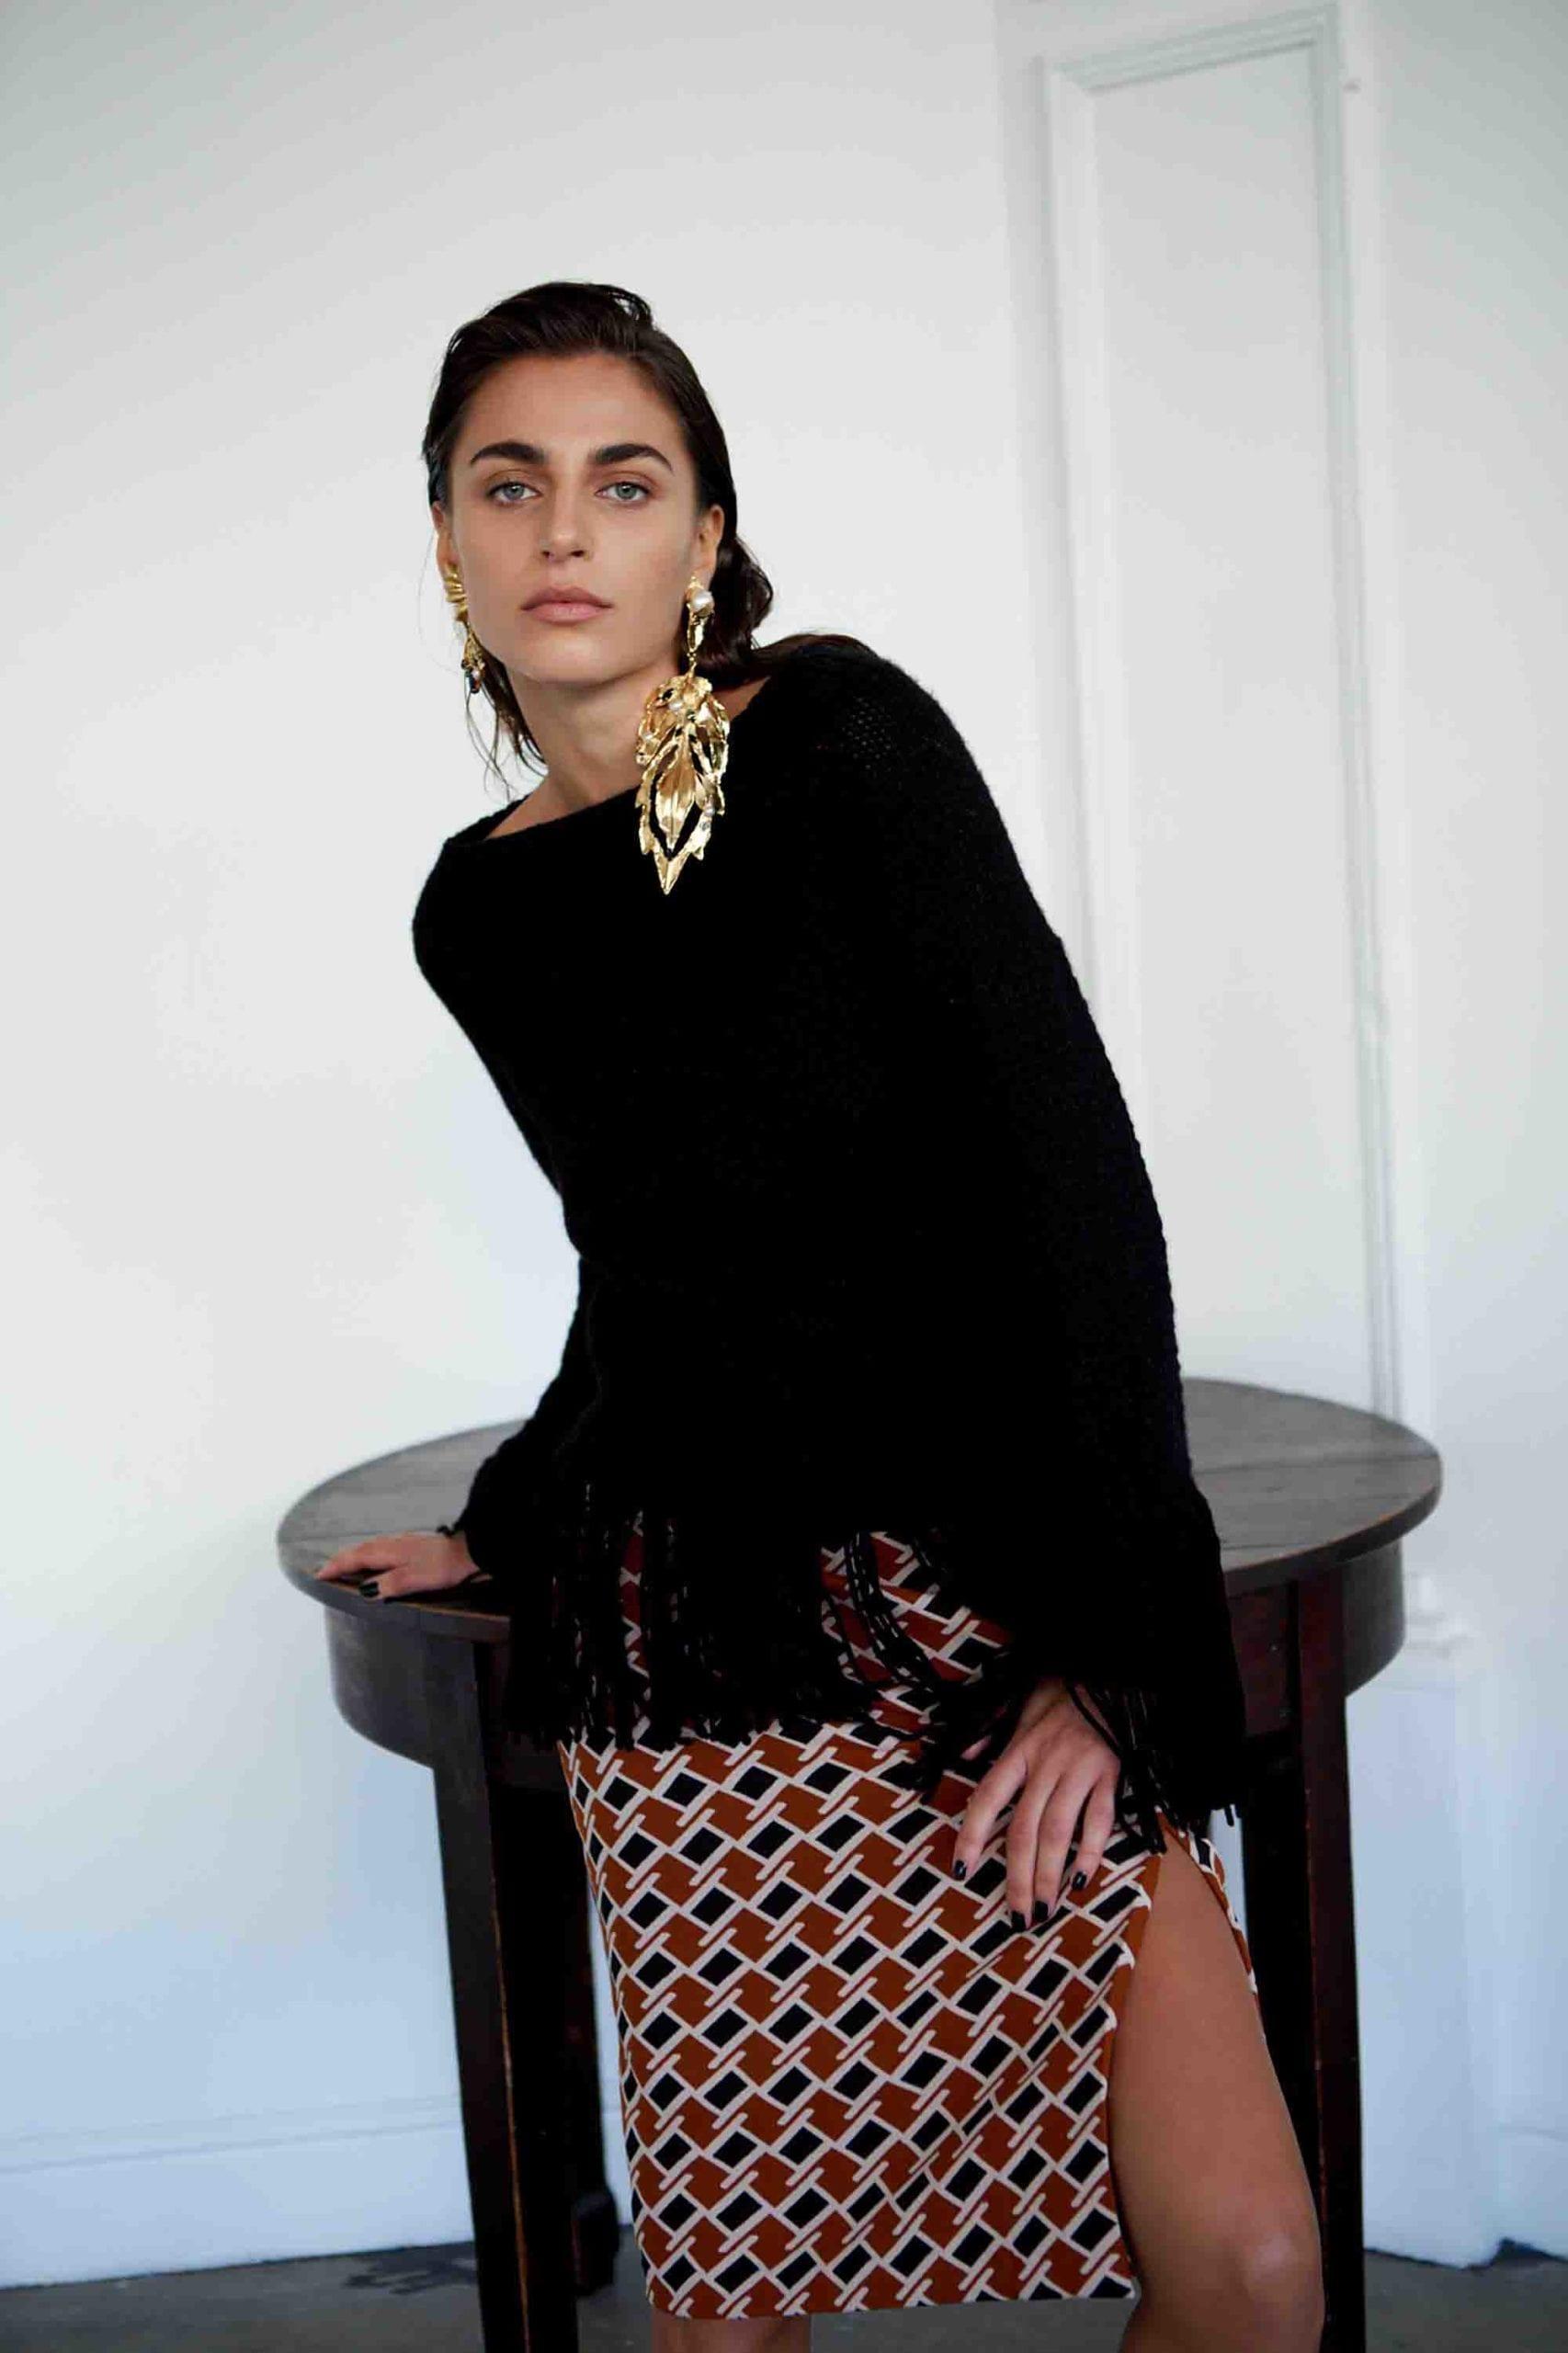 קובי גולן, Kobi Golan, מעצב אופנה, קולקציית אופנה 2020, מגזין אופנה, כתבות אופנה, הילה שייר, אופנה, מגזין אופנה ישראלי -2